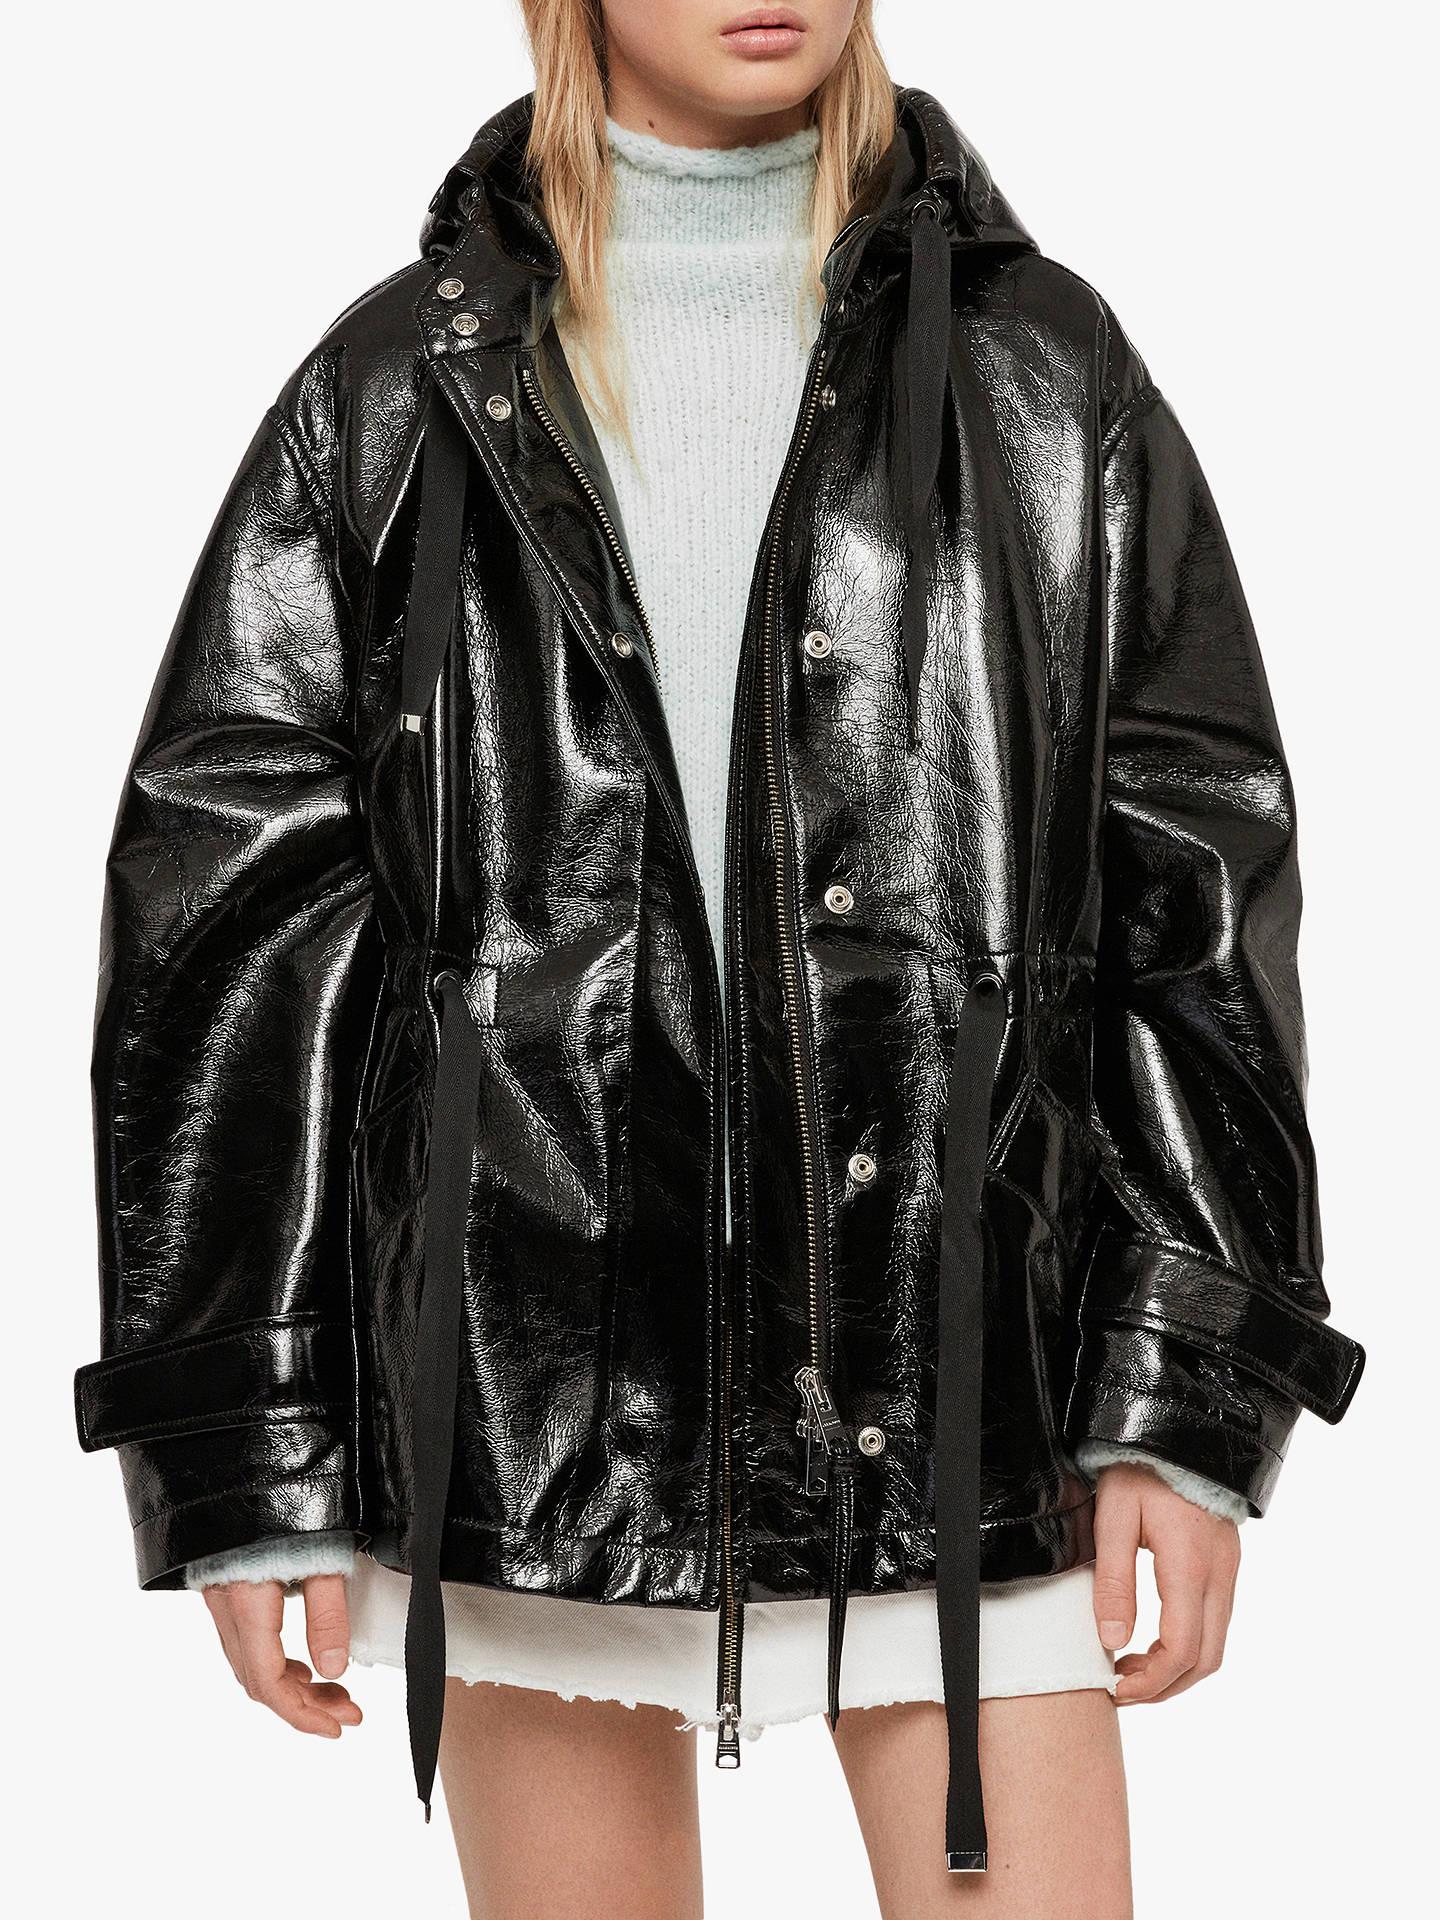 All Saints Kelsie Nya Jacket, Shiny Black by Allsaints